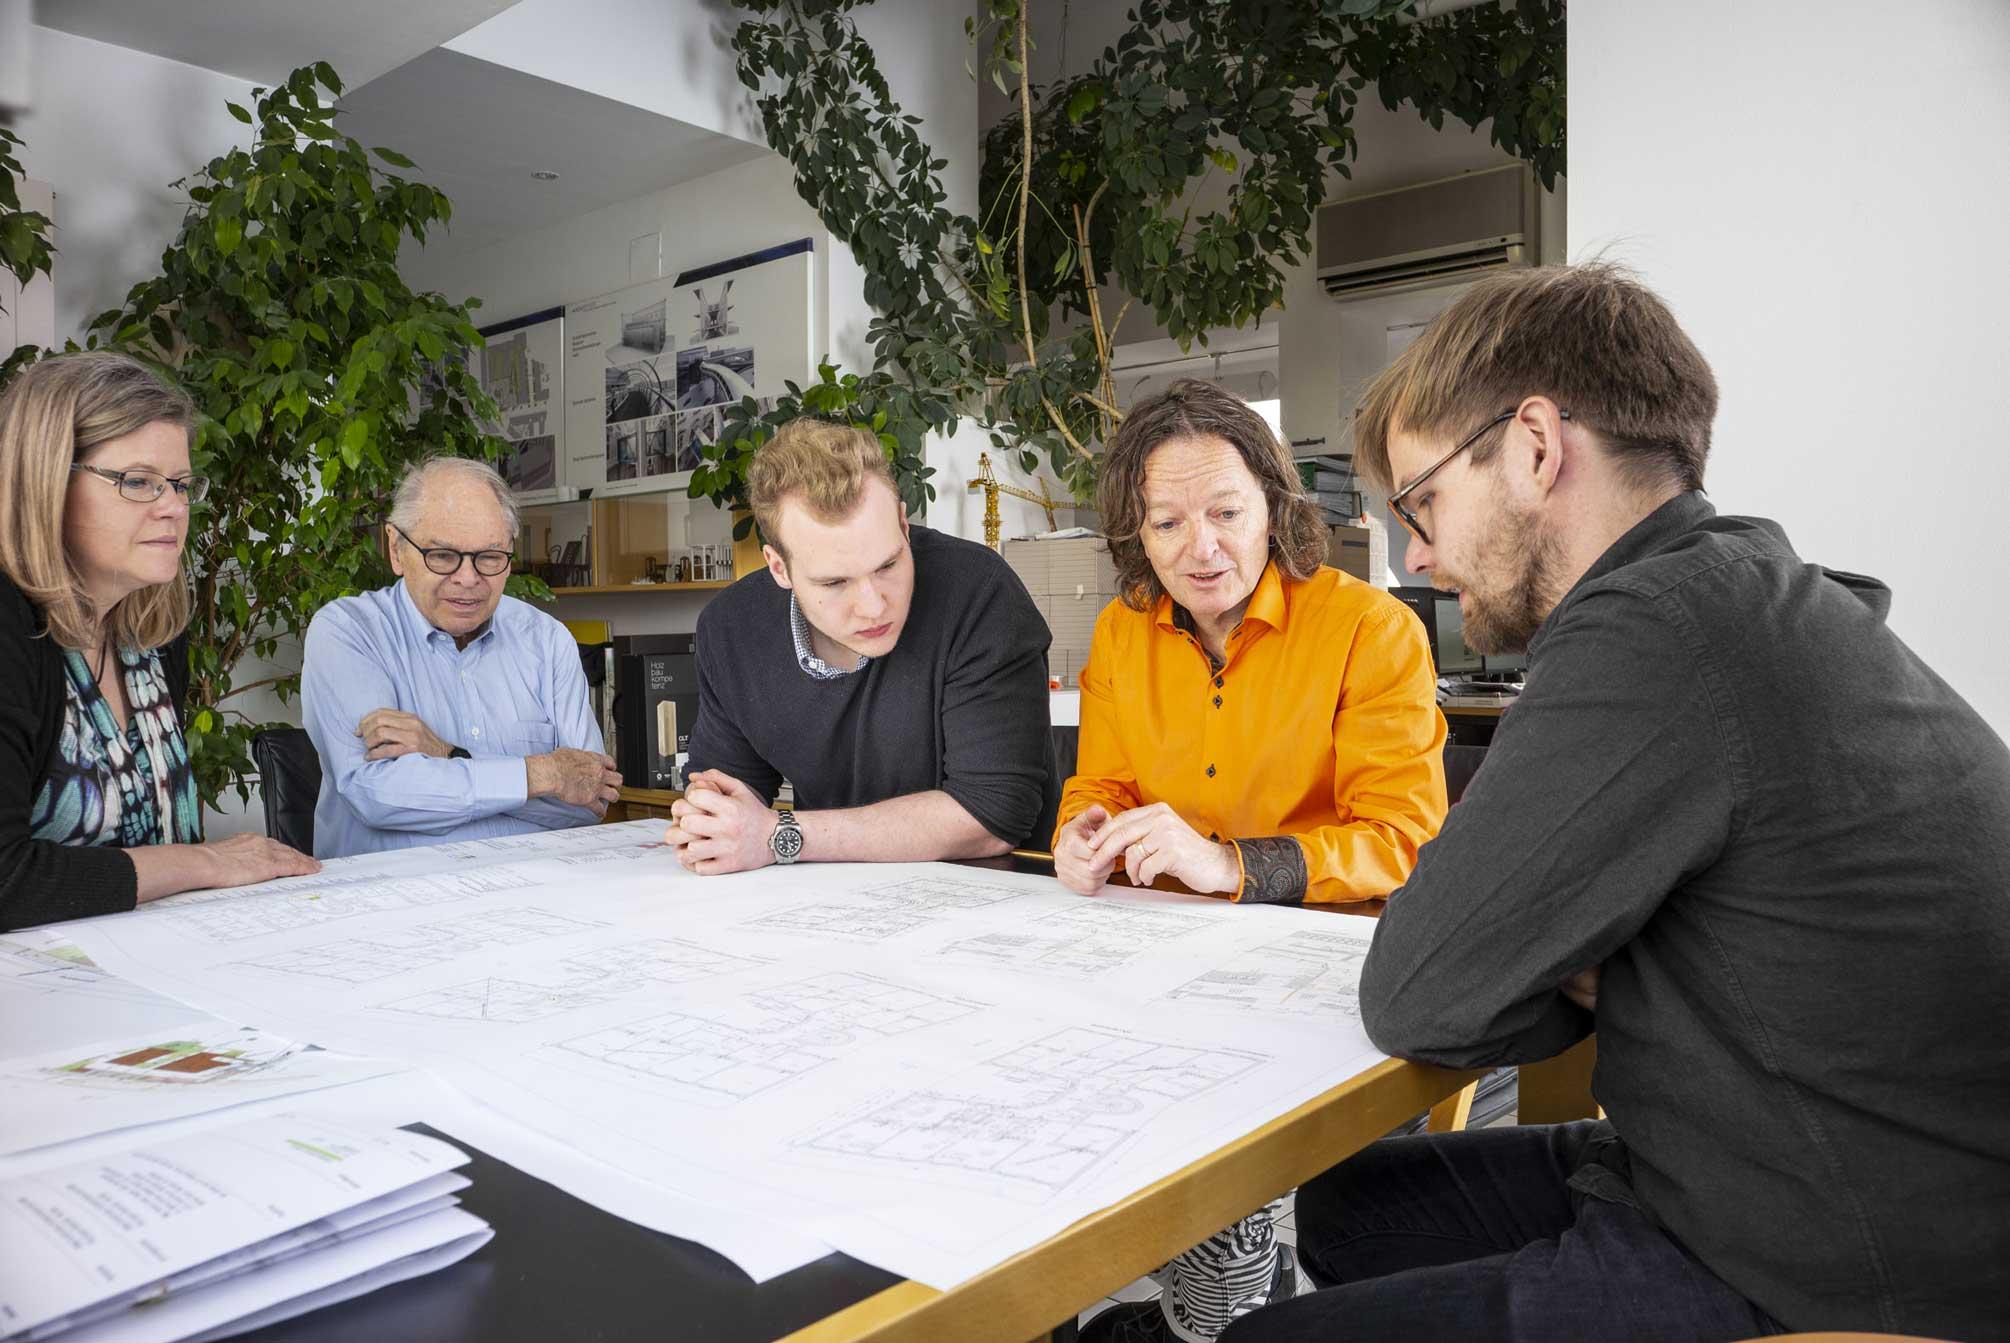 ArchOffice Zweiquadrat - Constanze Strapetz, Manfred F. Resch, Mathias Mycinski, Clemens Resch, Philip Poigner